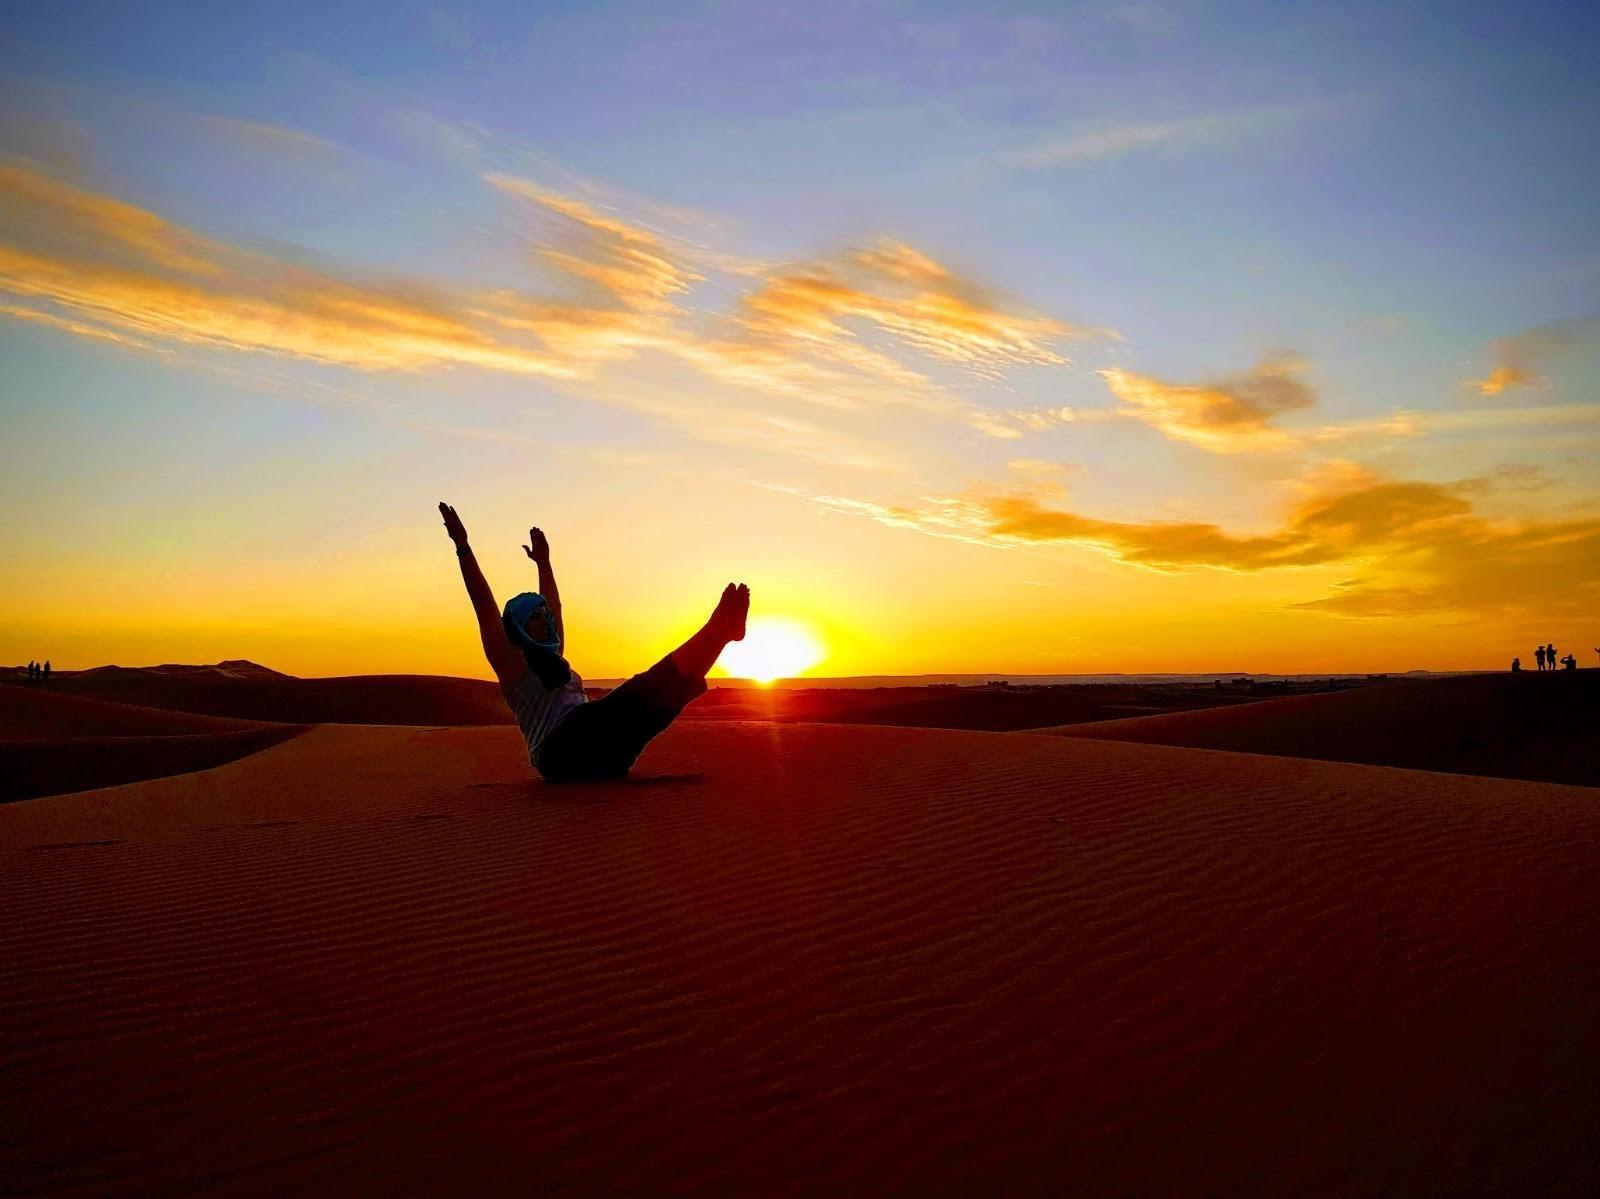 טיול יוגה במרוקו מבית יוגה טרוולס